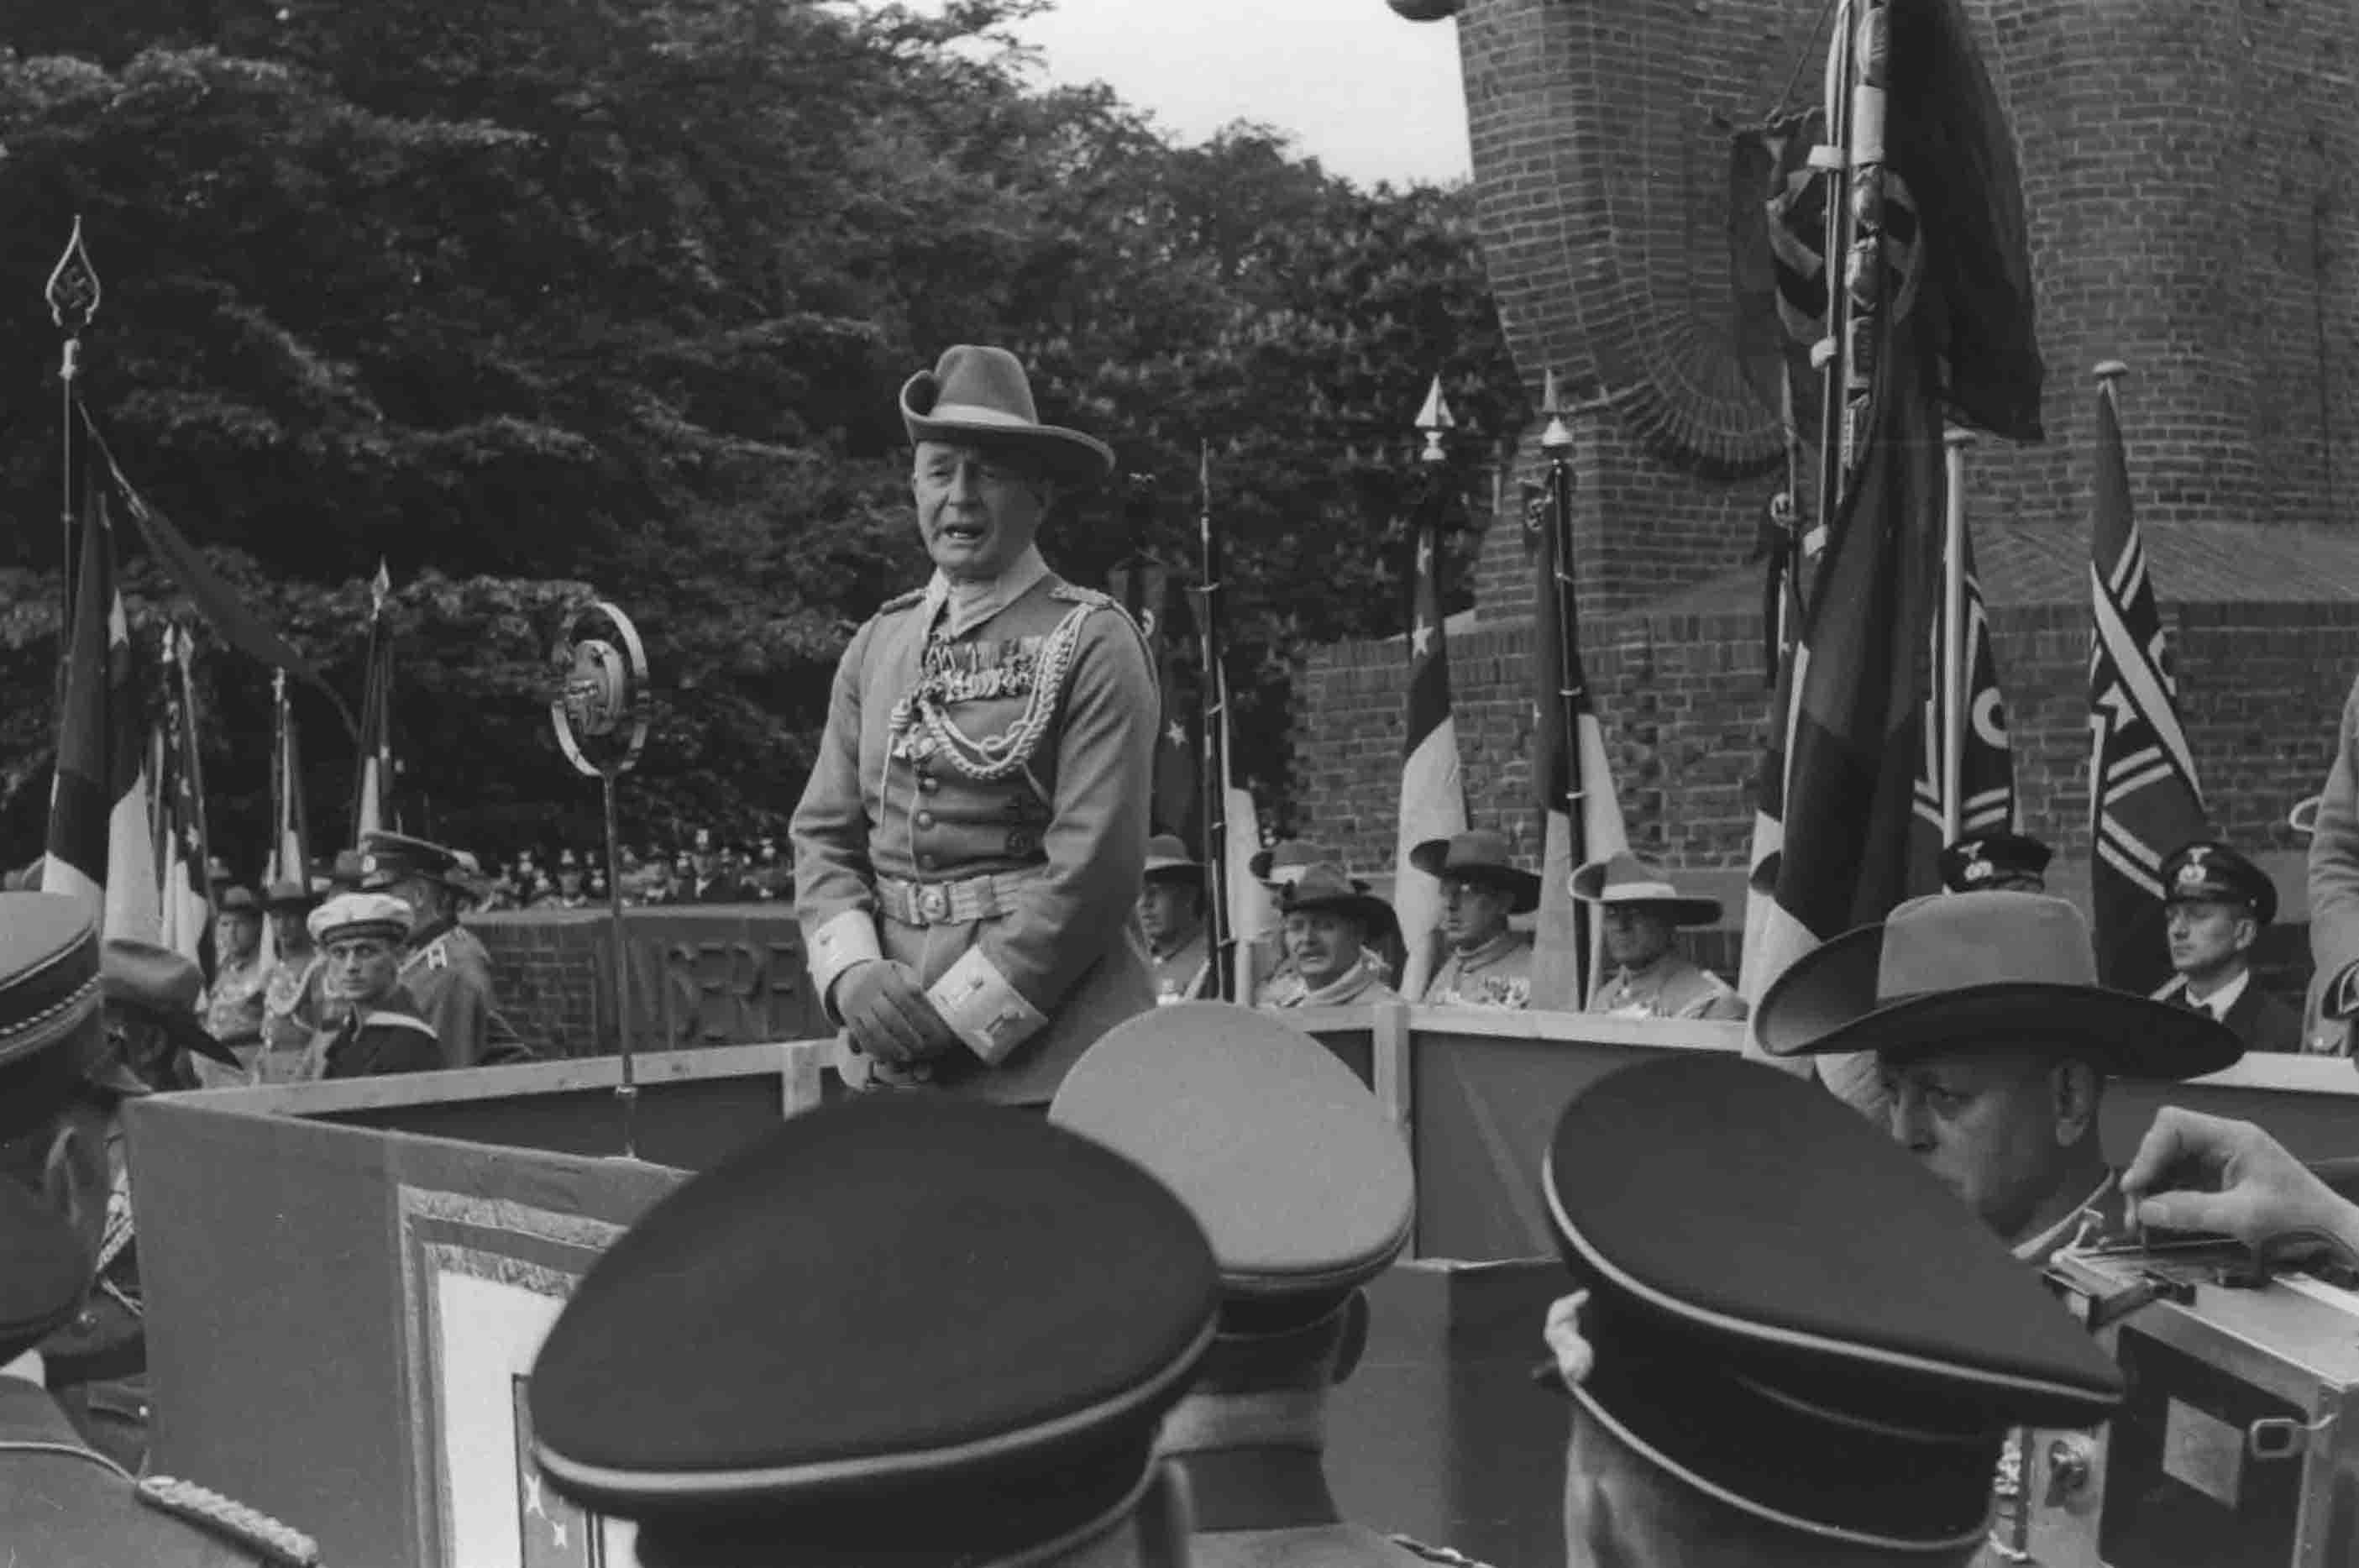 Immer vorne dabei, wenn es um die Kolonien ging: der in Bremen ansässige General Paul von Lettow-Vorbeck. Quelle: Bildbestand der Deutschen Kolonialgesellschaft in der Universitätsbibliothek Frankfurt am Main